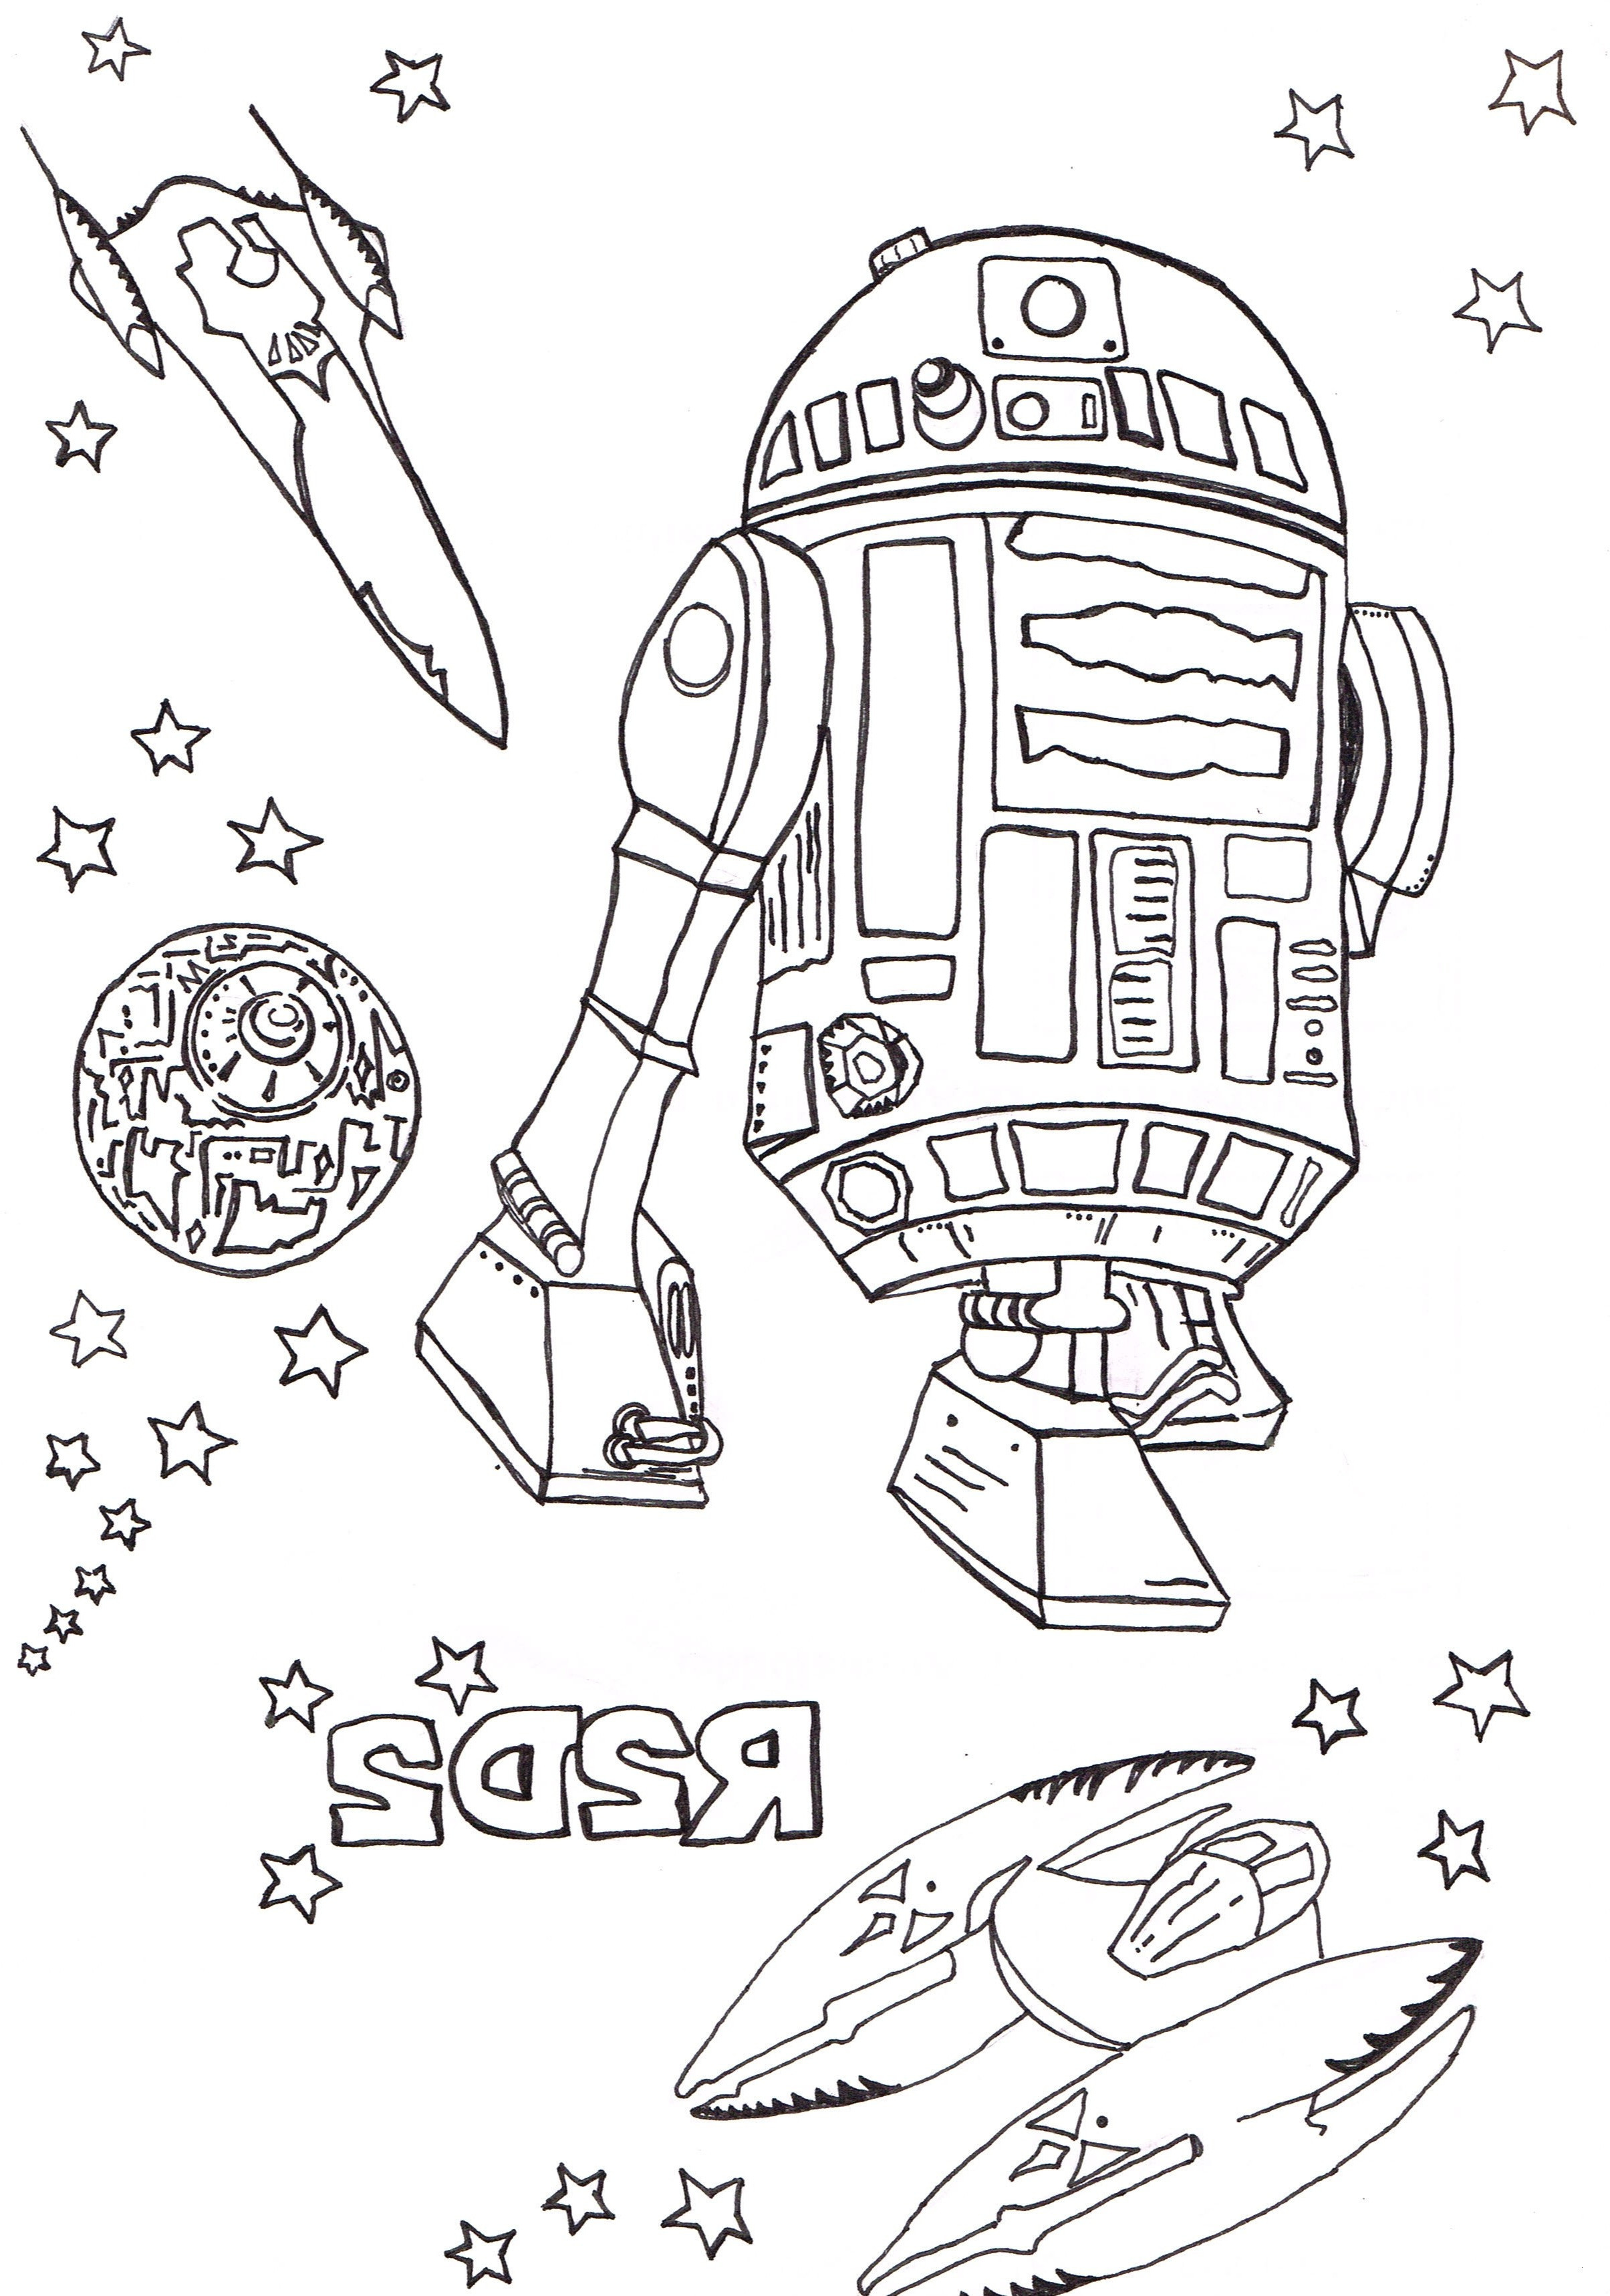 Star Wars Ausmalbilder Yoda Einzigartig 25 Inspirierend Ausmalbilder Star Wars Raumschiffe – Malvorlagen Ideen Bild